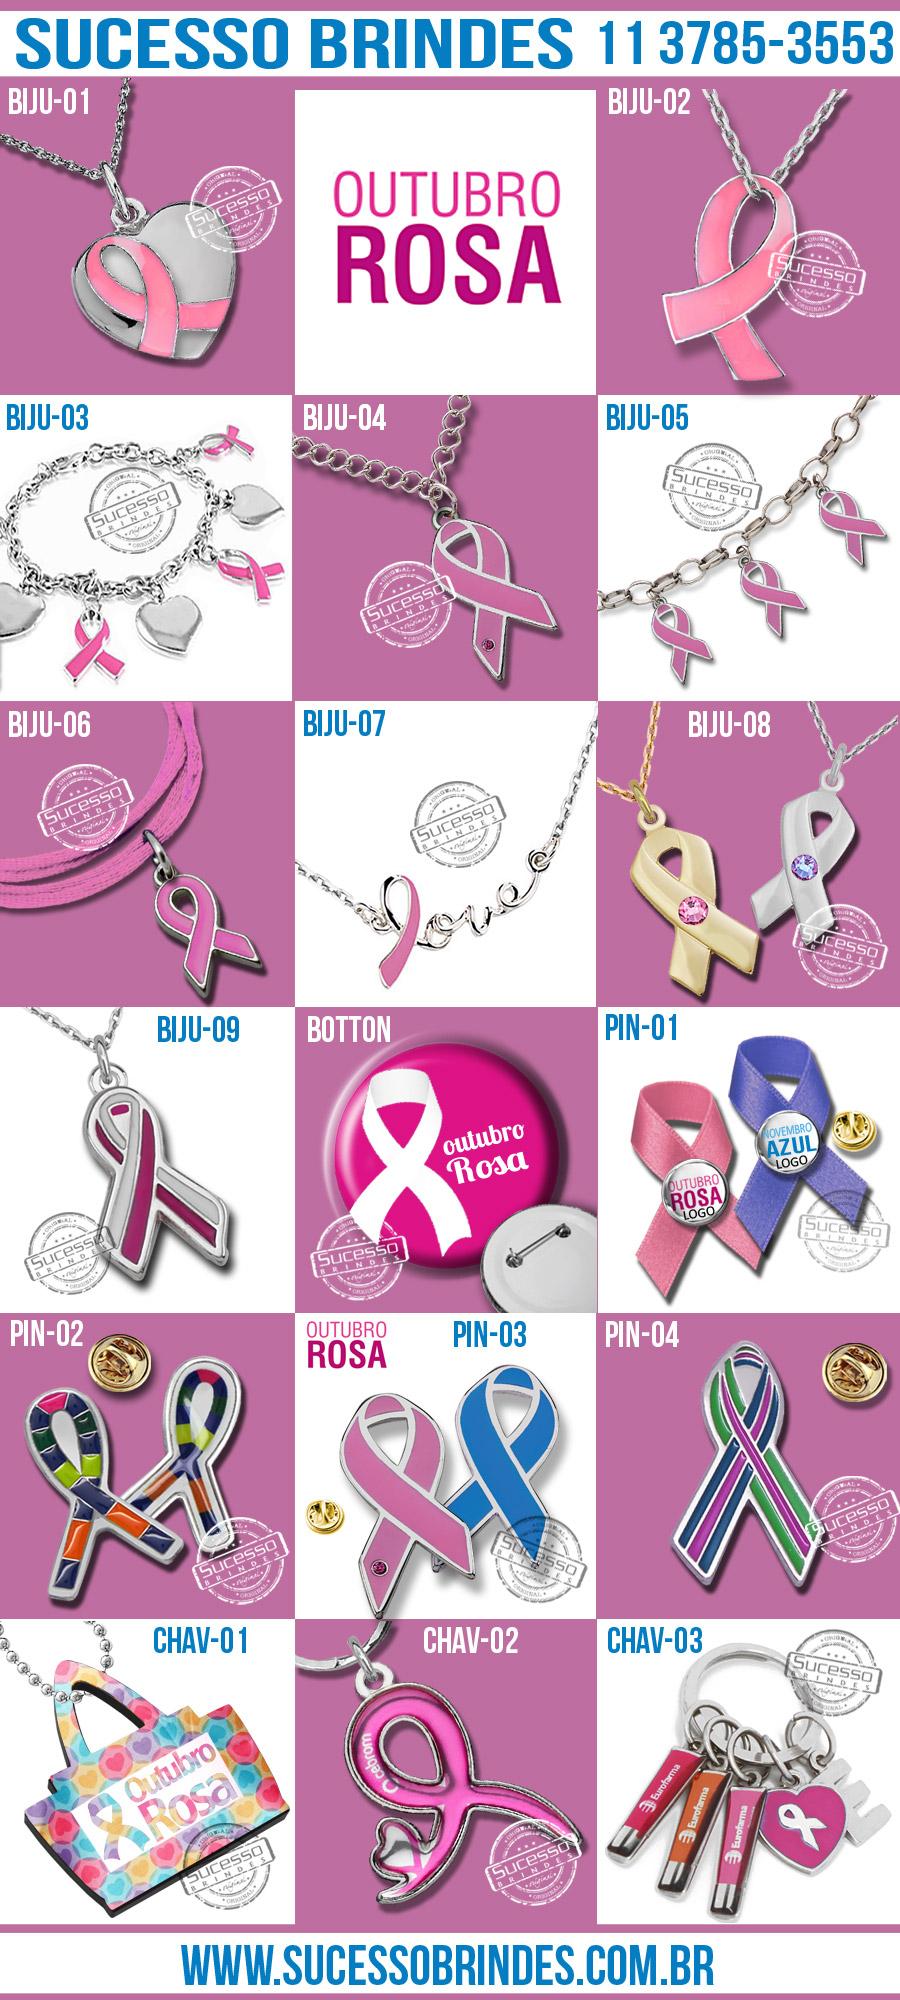 laço-cancer-outubro-rosa-sucesso-brindes-1